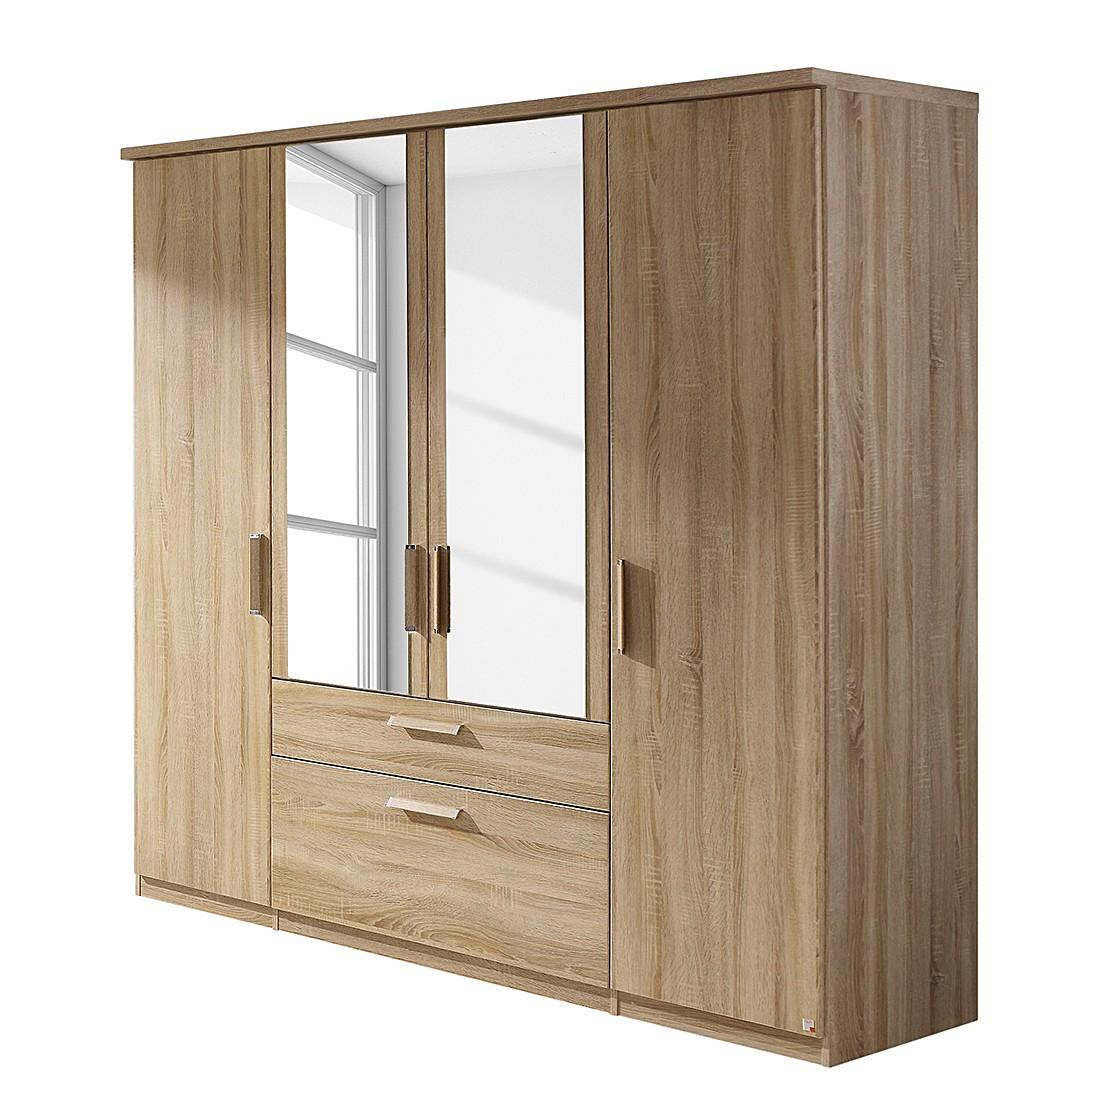 goedkoop Draaideurkast Evelyn II Sonoma eikenhouten look Zonder verlichting 300cm 6 deurs 223cm Met kroonlijst Rauch Dialog